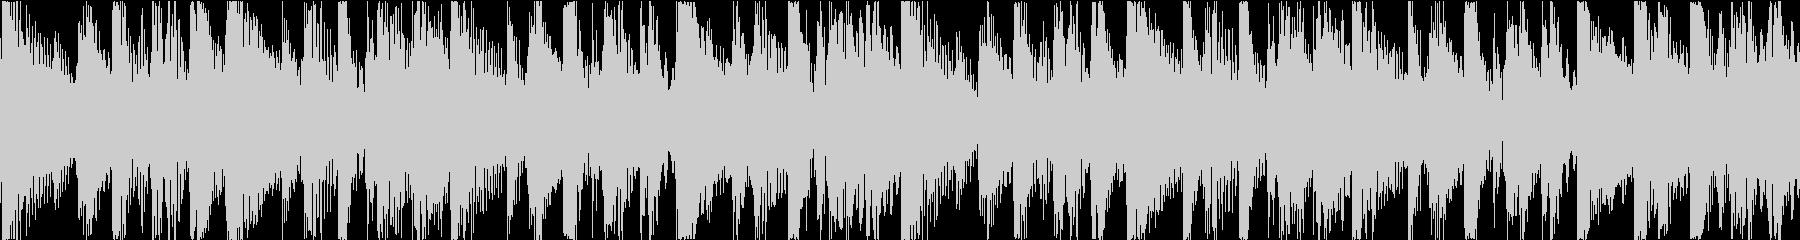 BGM08 アフリカン 8秒ループの未再生の波形